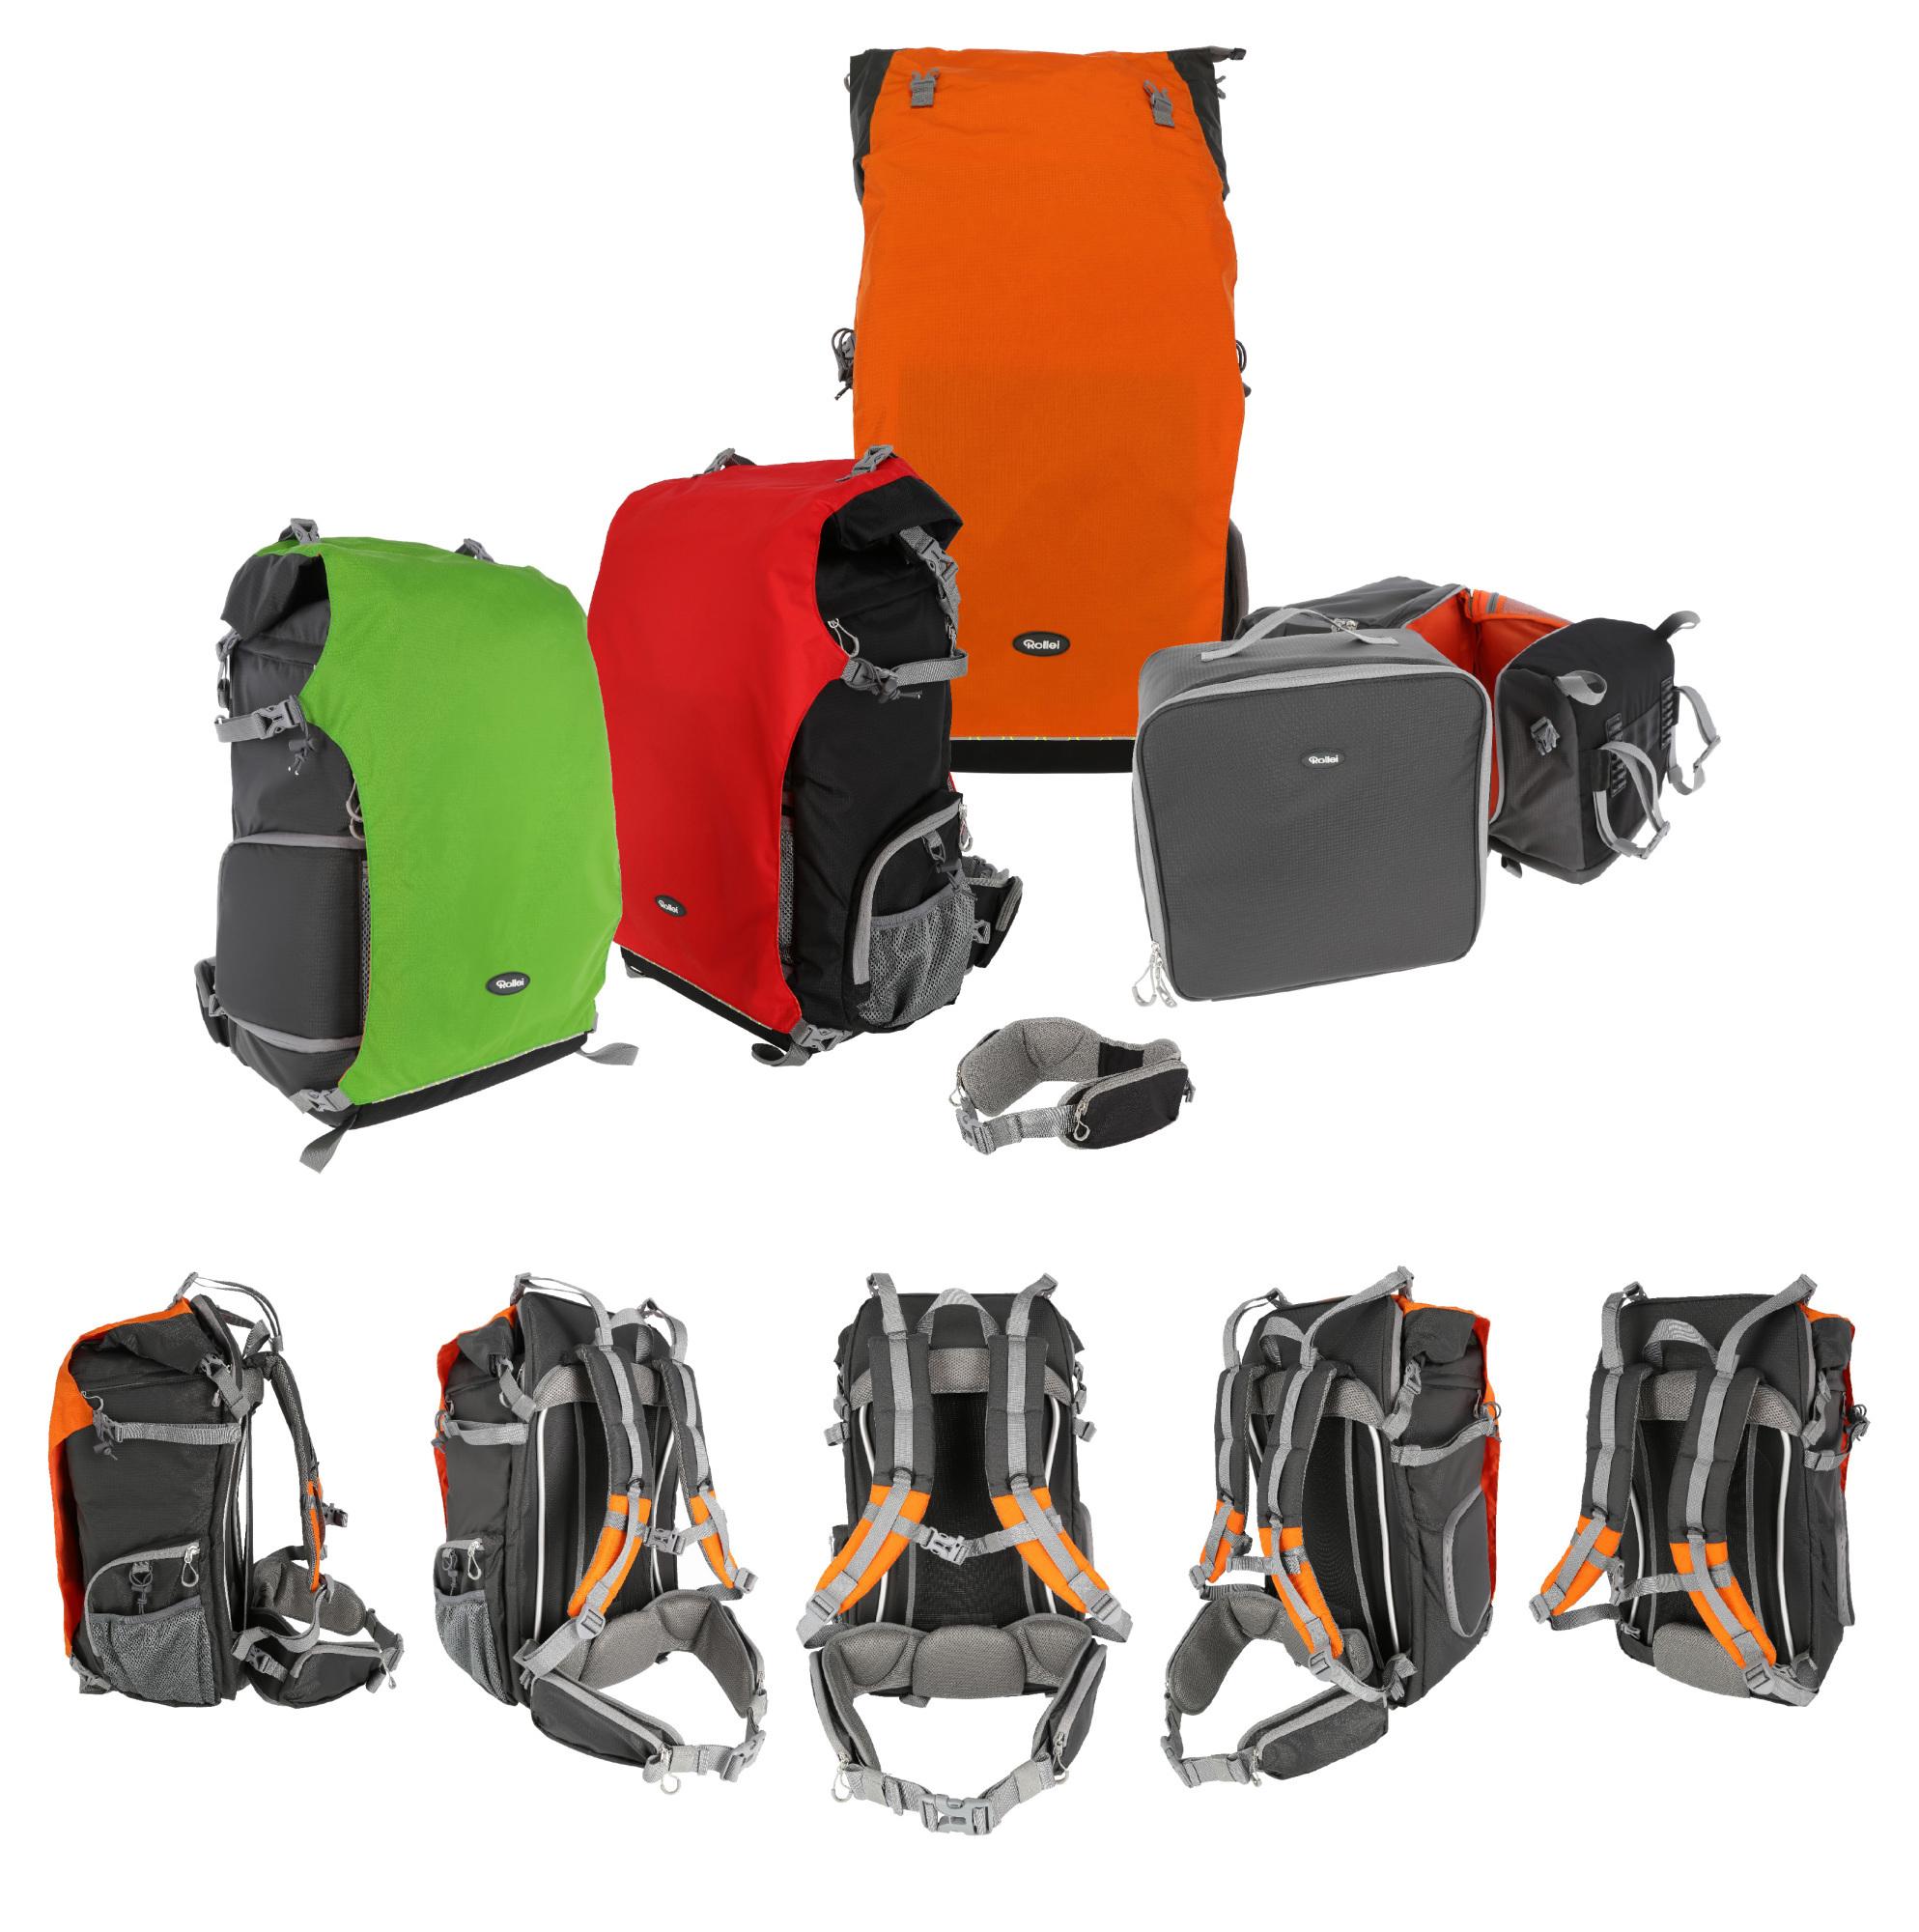 d4f9b20729 Die Rucksäcke der Canyon-Serie sind in verschiedenen Farben und Größen von  10 bis 50 Liter Volumen erhältlich.